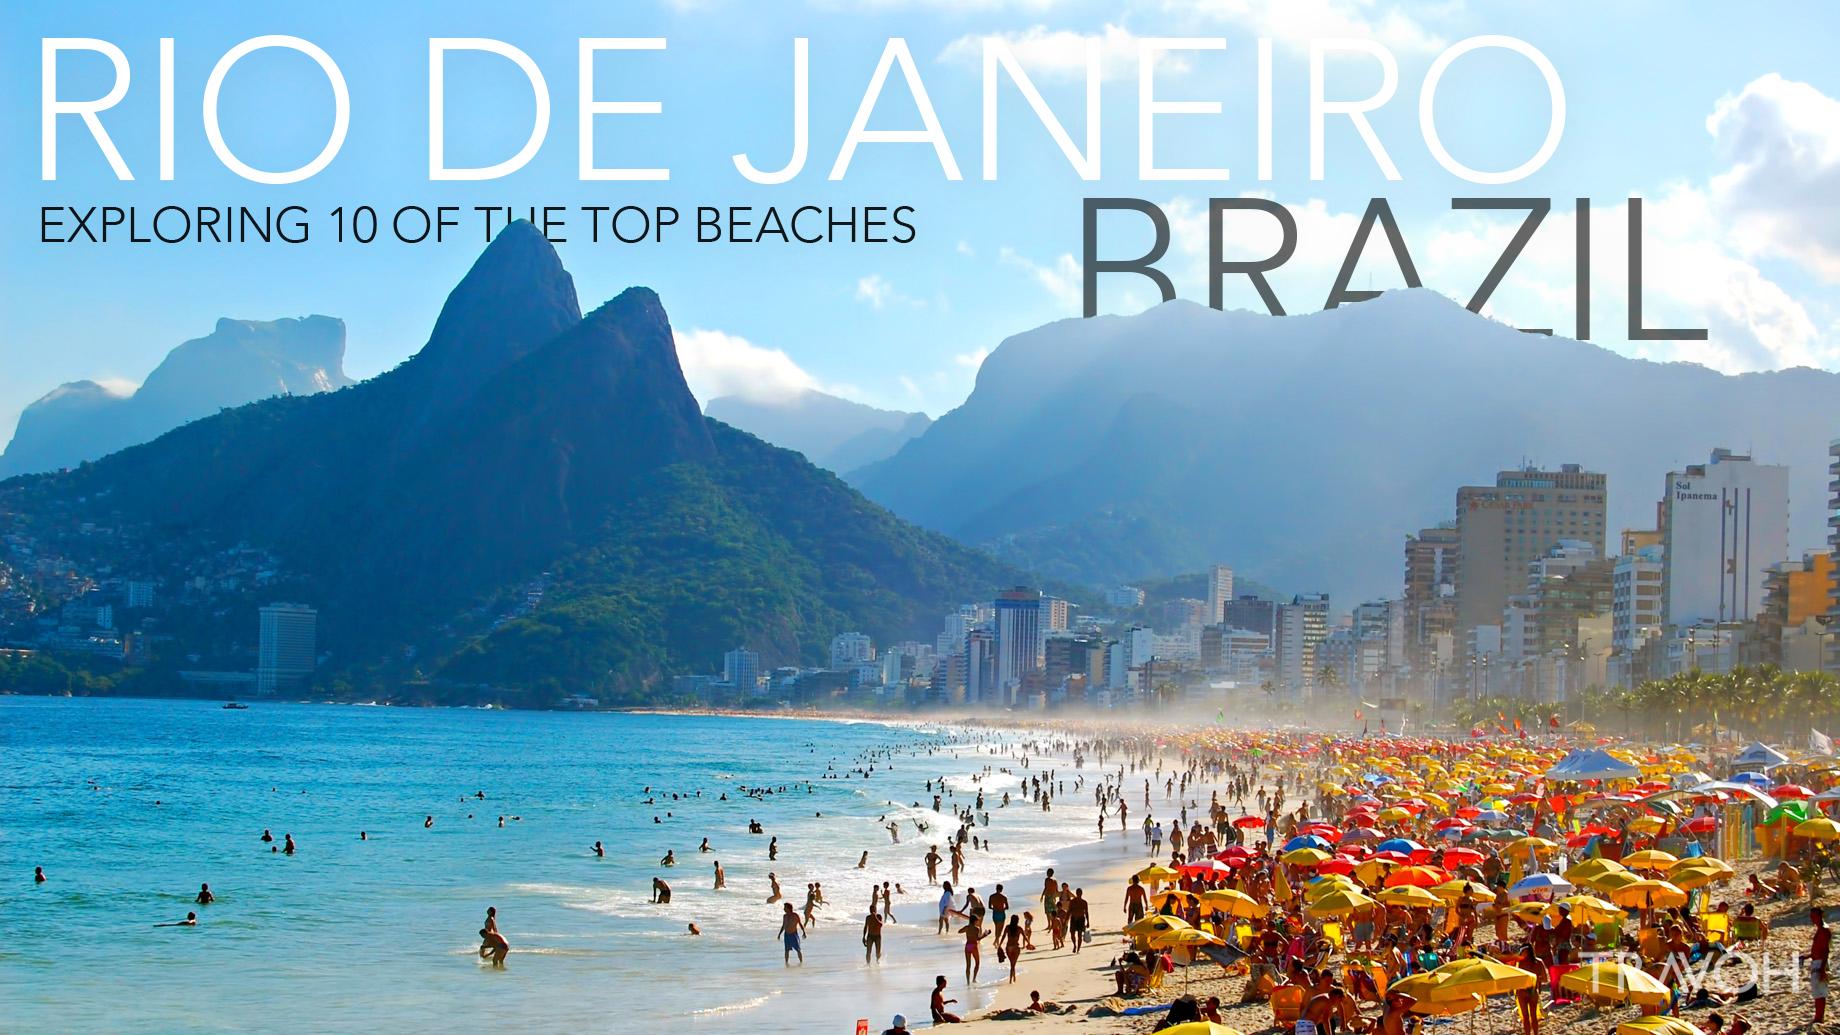 Exploring 10 of the Top Beaches in Rio de Janeiro, Brazil